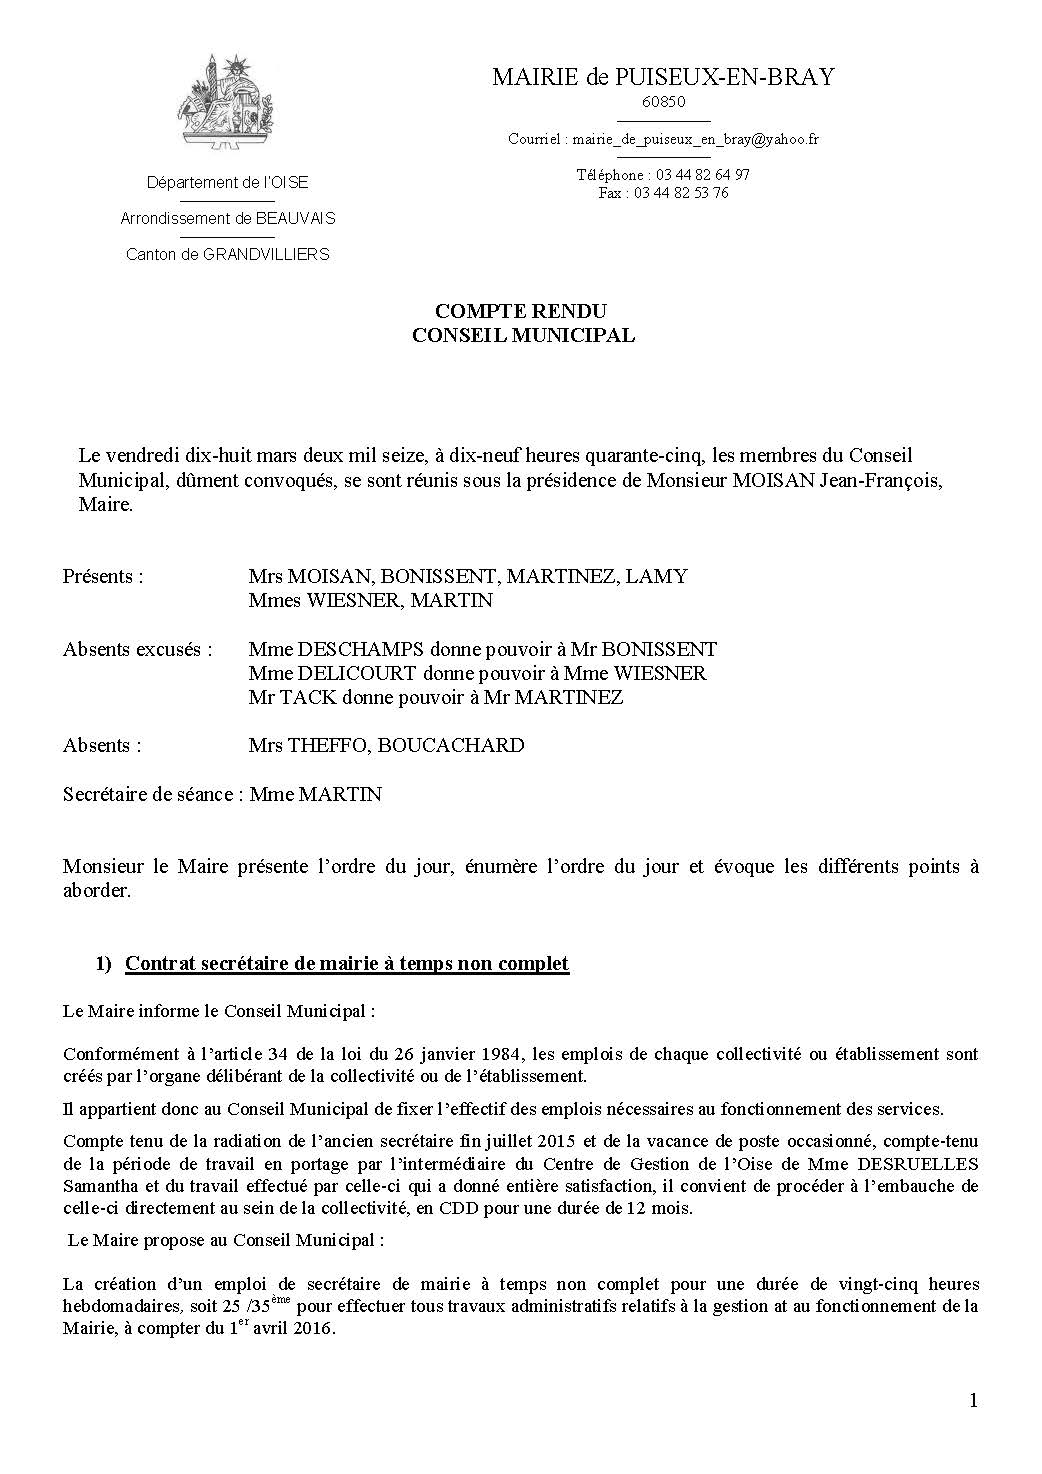 cr-du-18032016-page-1